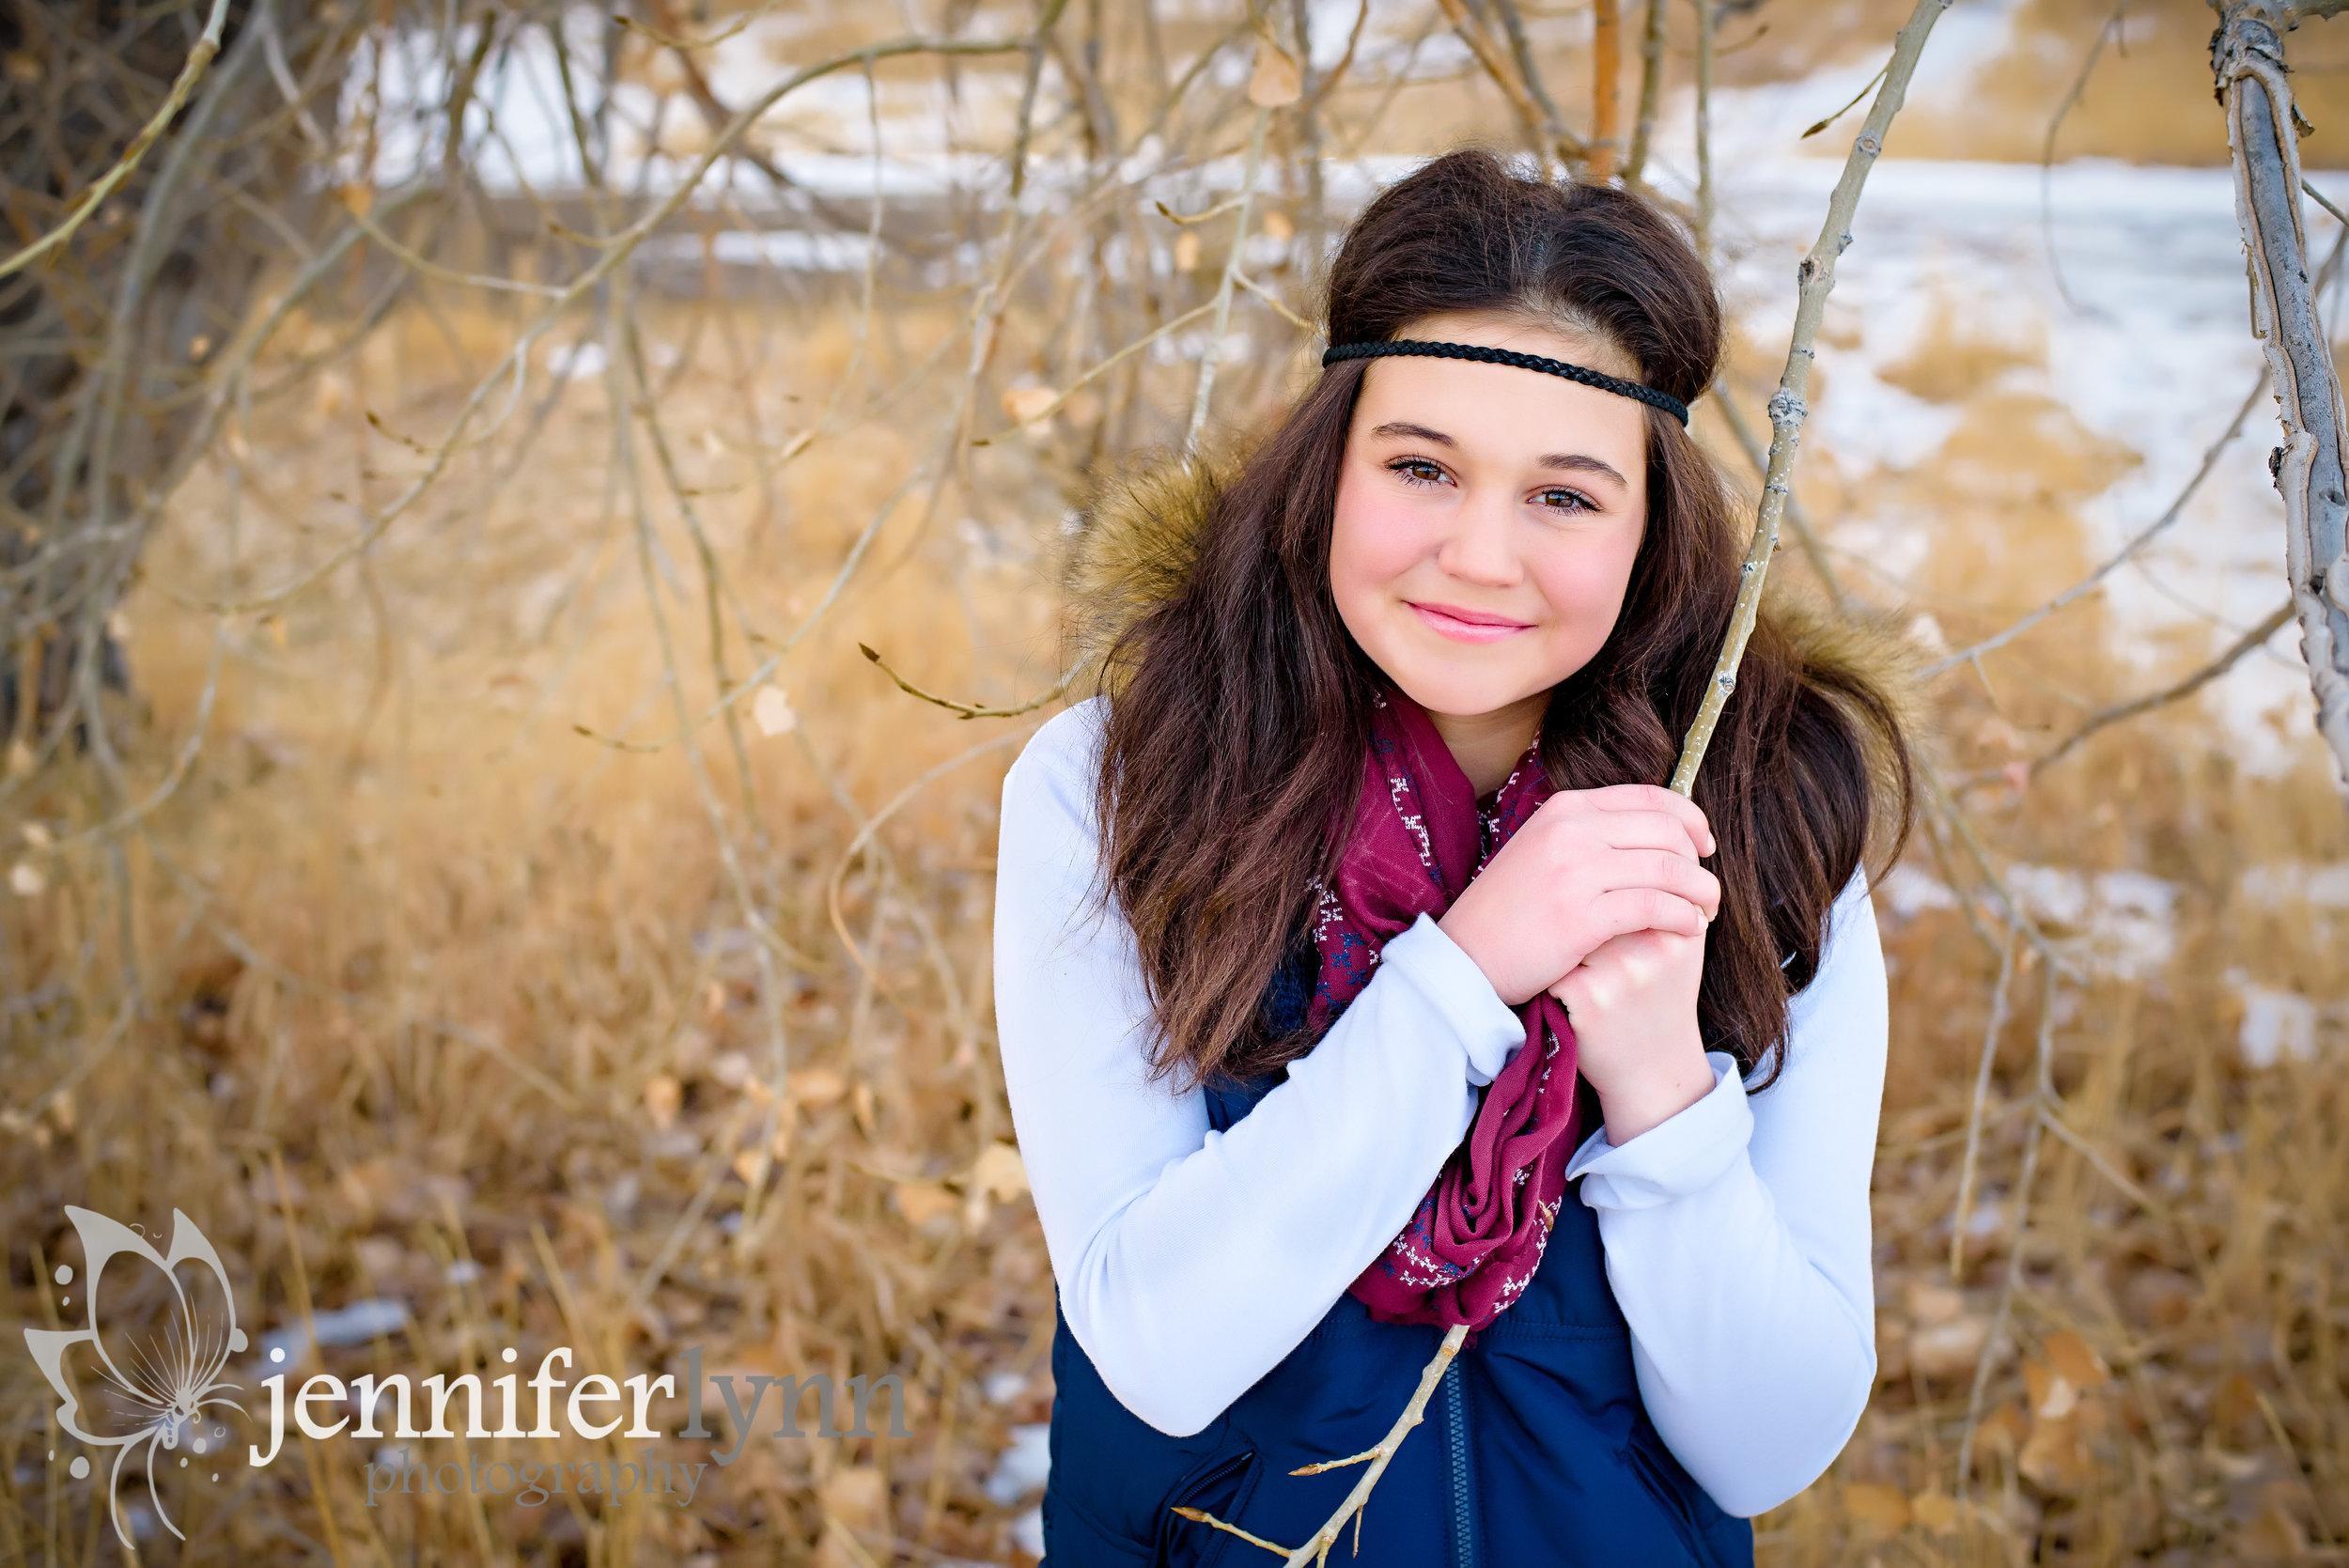 Daughter Outdoor Portrait near Woods